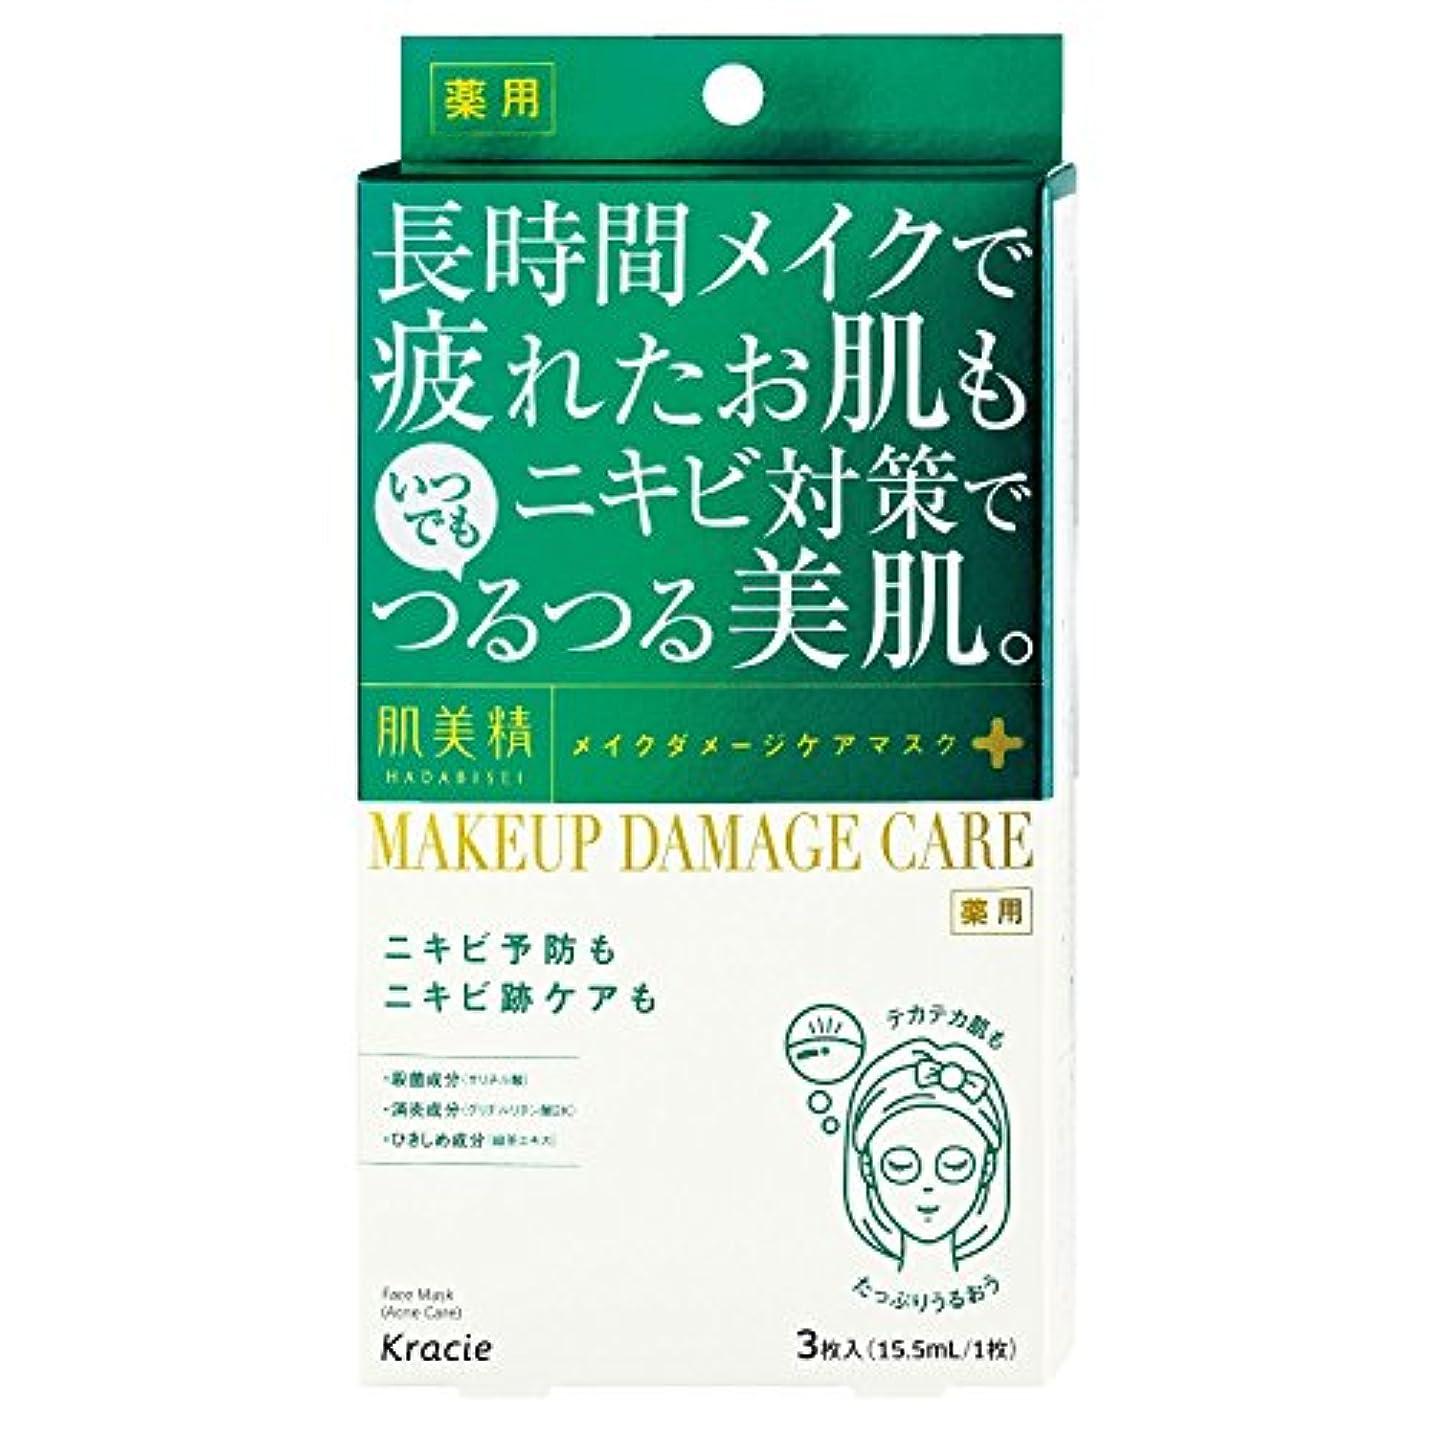 イソギンチャク味わうその肌美精 ビューティーケアマスク(ニキビ) [医薬部外品] 3枚 × 24個